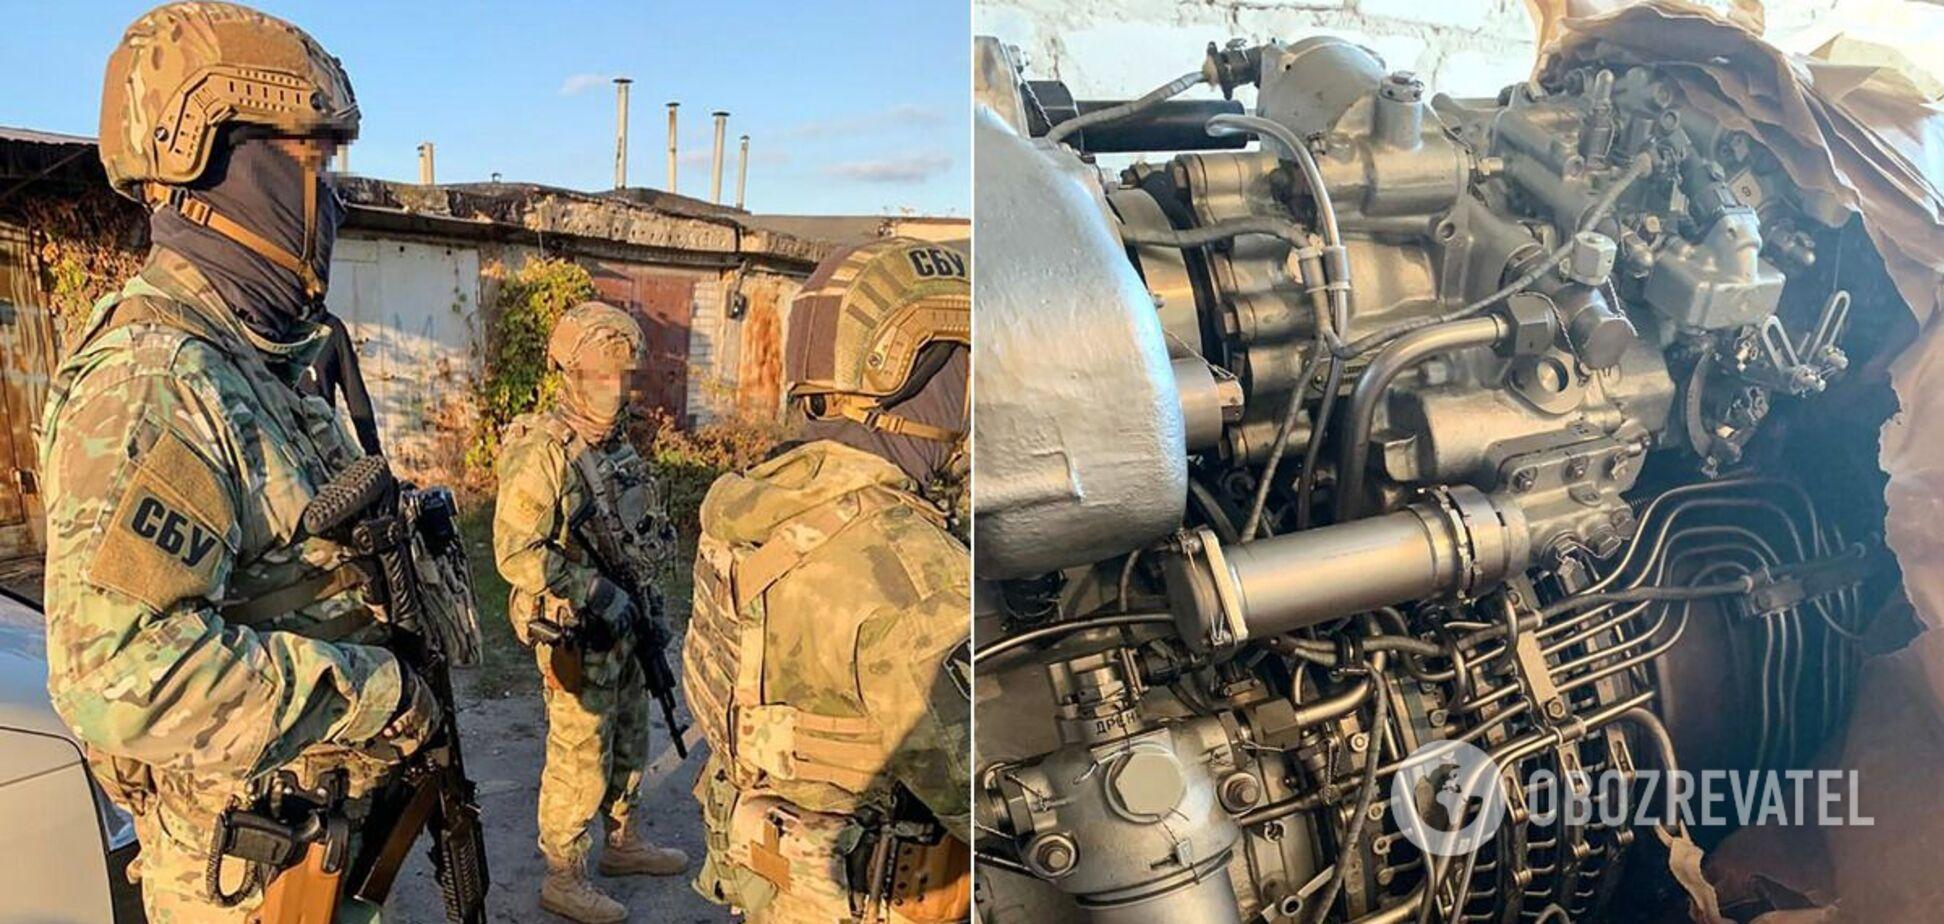 Украинский чиновник продавал в Россию краденные запчасти для военной техники. Фото